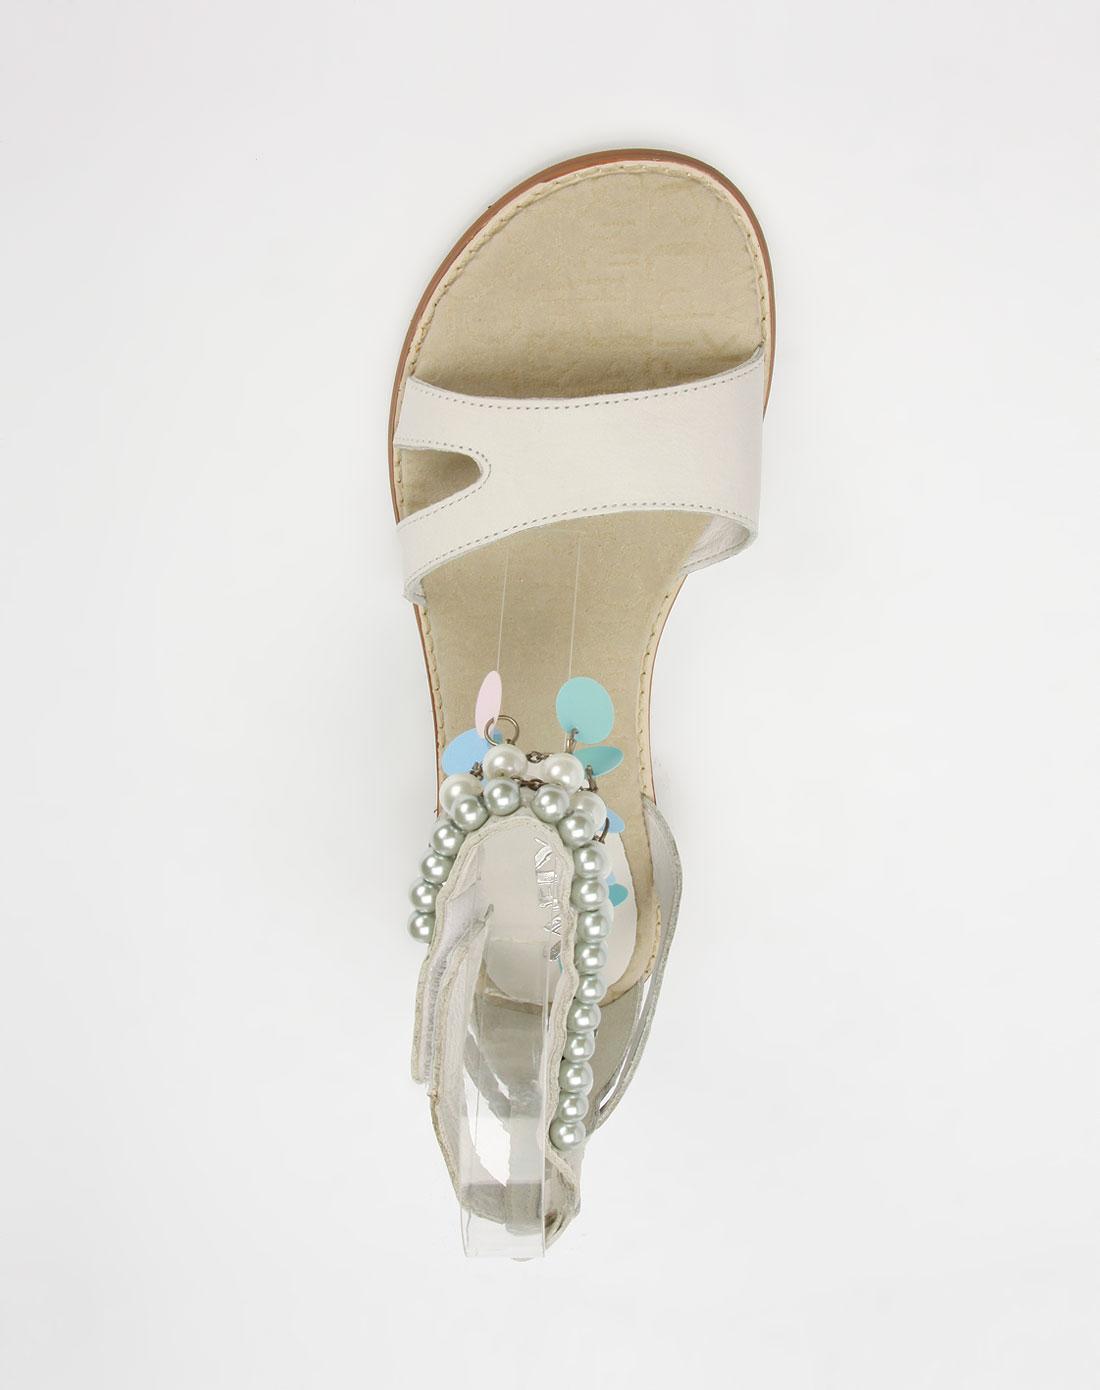 灰白色牛皮休闲凉鞋_索菲亚官网特价2.3-4